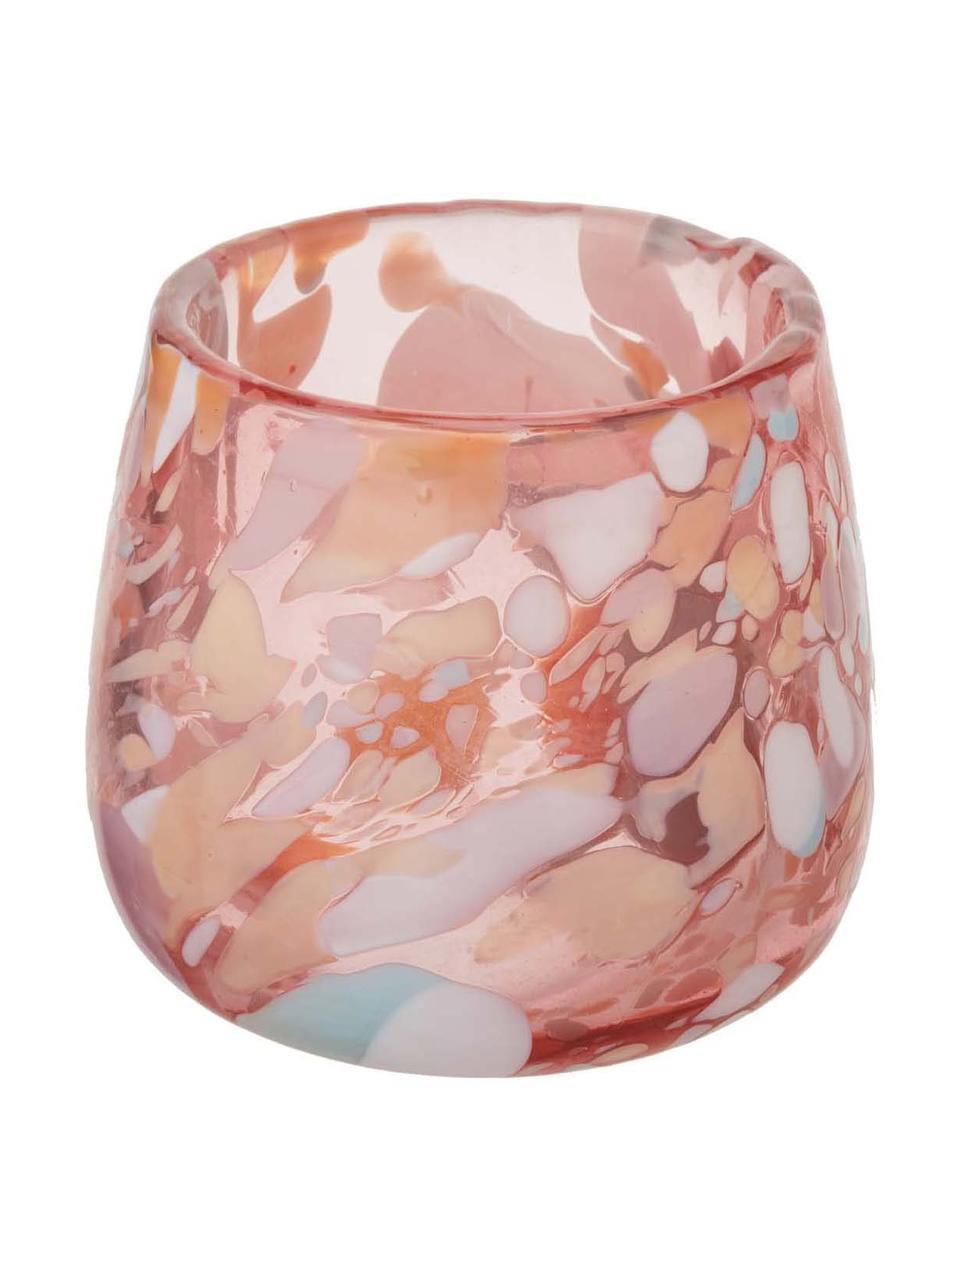 Portalumini in vetro soffiato Art, 2 pz, Vetro soffiato a bocca, Rosa, blu, verde, salmone, crema, Ø 10 x Alt. 9 cm